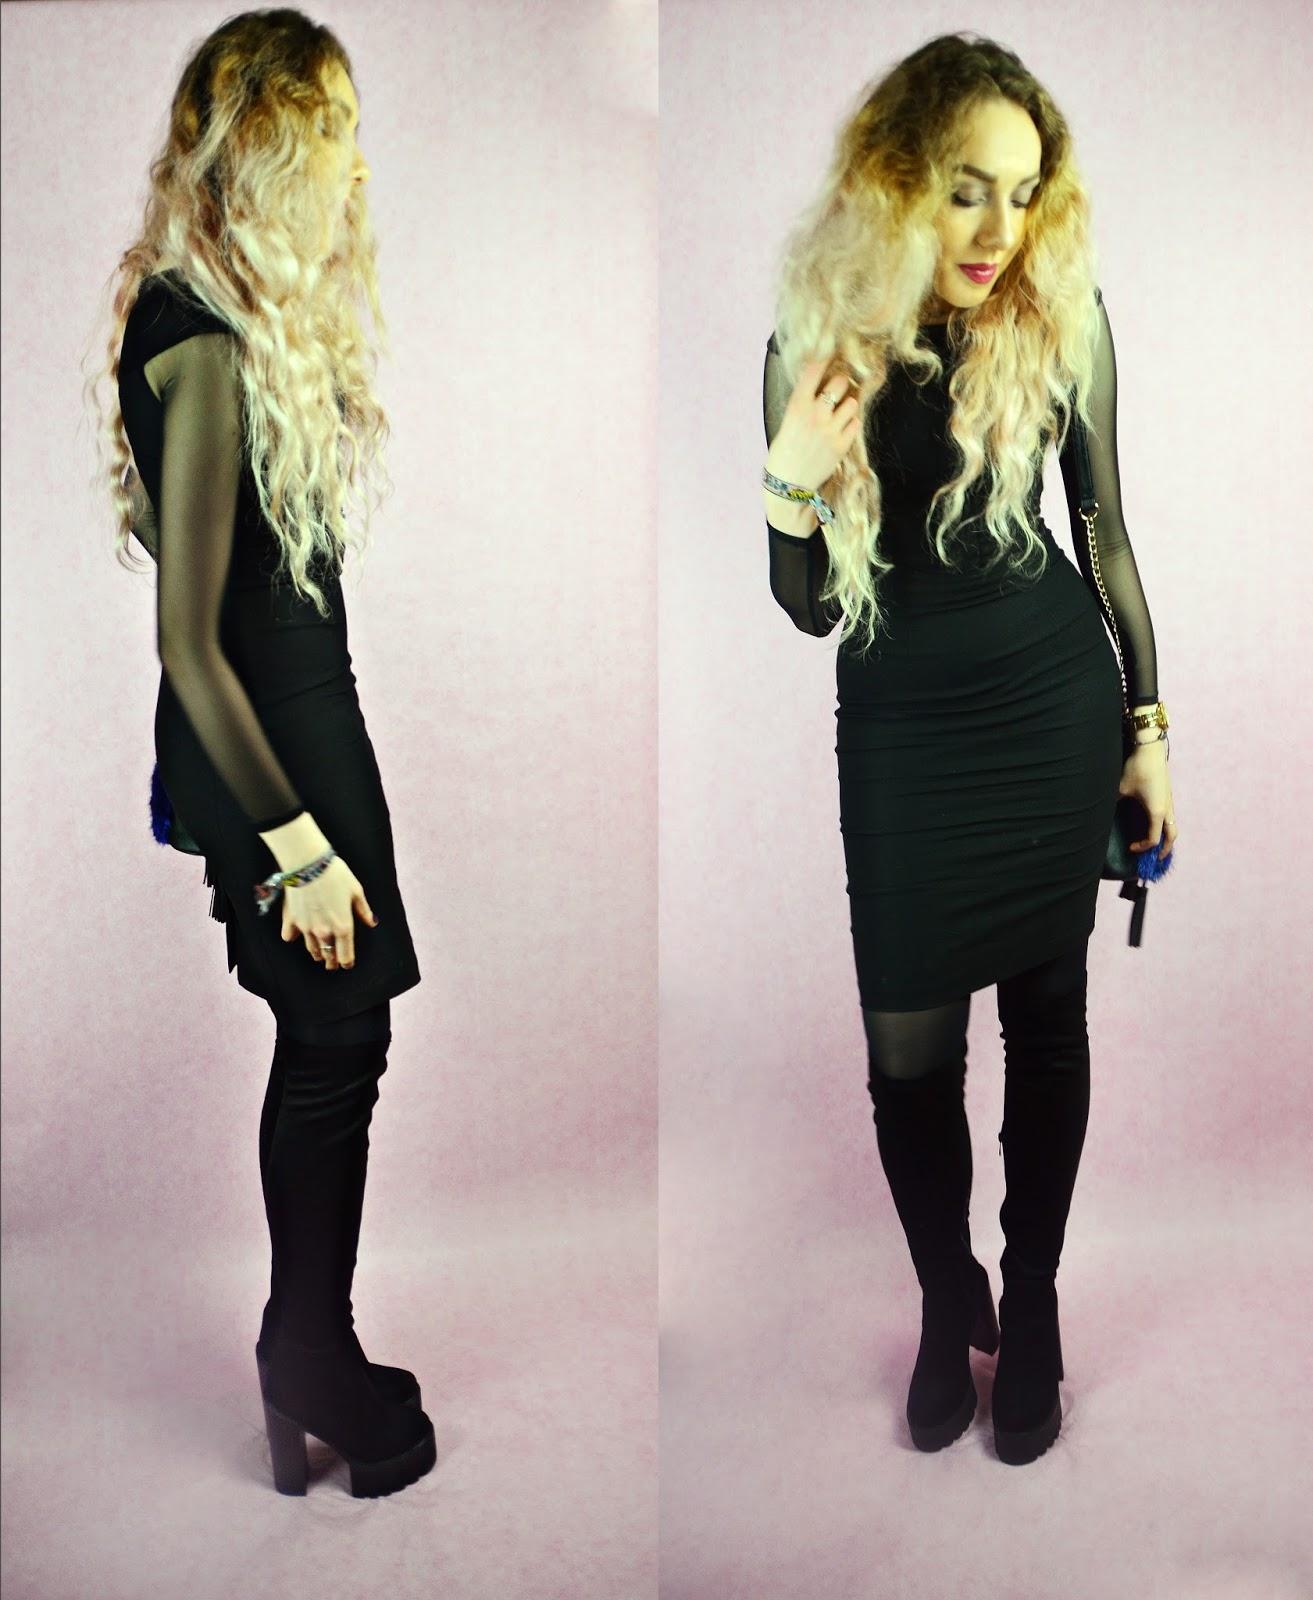 Valentines Day, Hybrid Haeley Mesh Sleeve Dress with Lace Detail Black, Stephi LaReine, UK Lifestyle Blog,